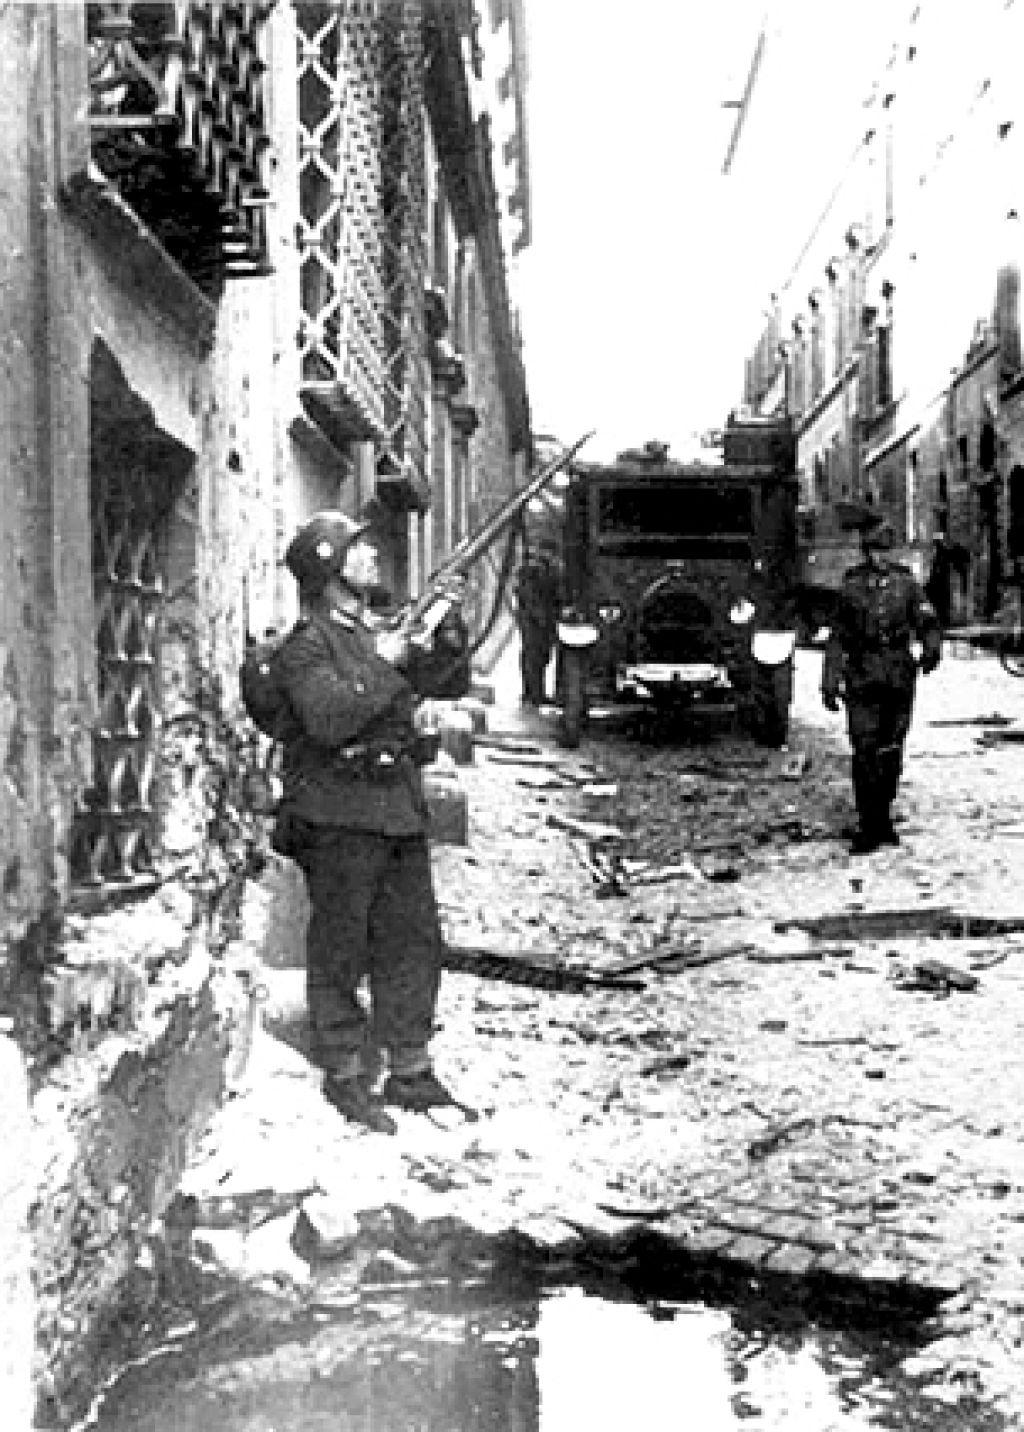 Via Rsaella poco dopo lo scoppio, in basso il cartere lasciato dall'esplosione davanti a palazzo Tittoni.